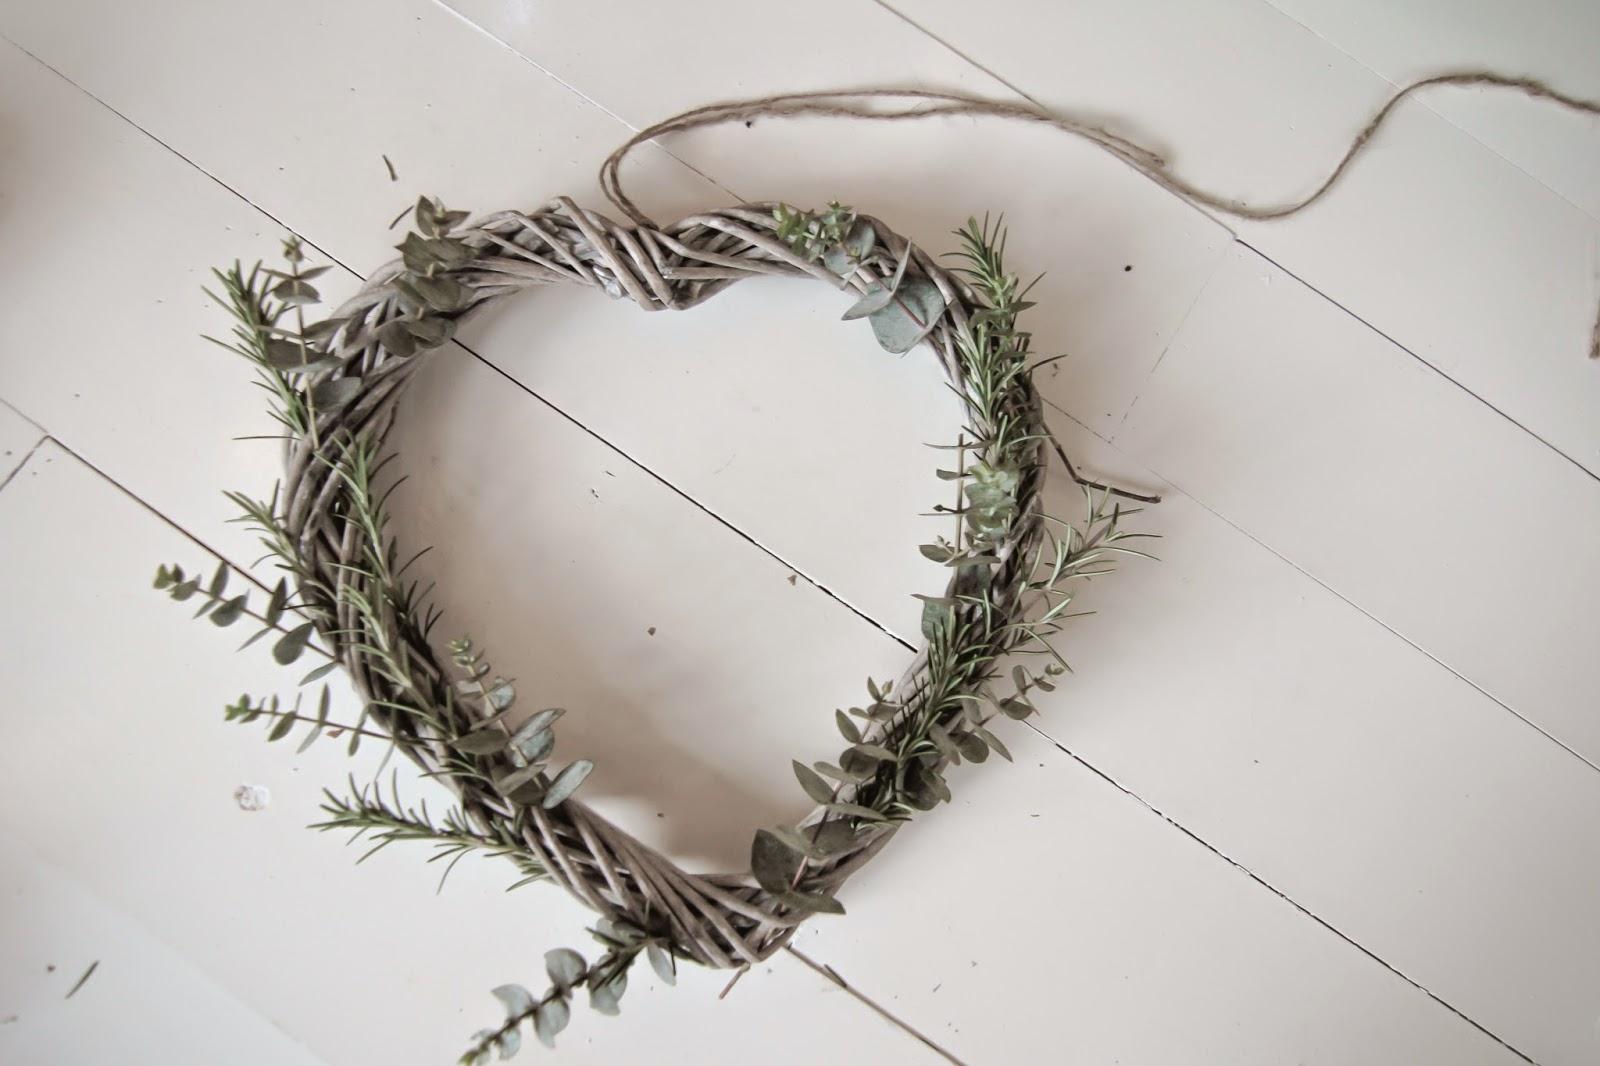 A eucalyptus and rosemary wicker heart